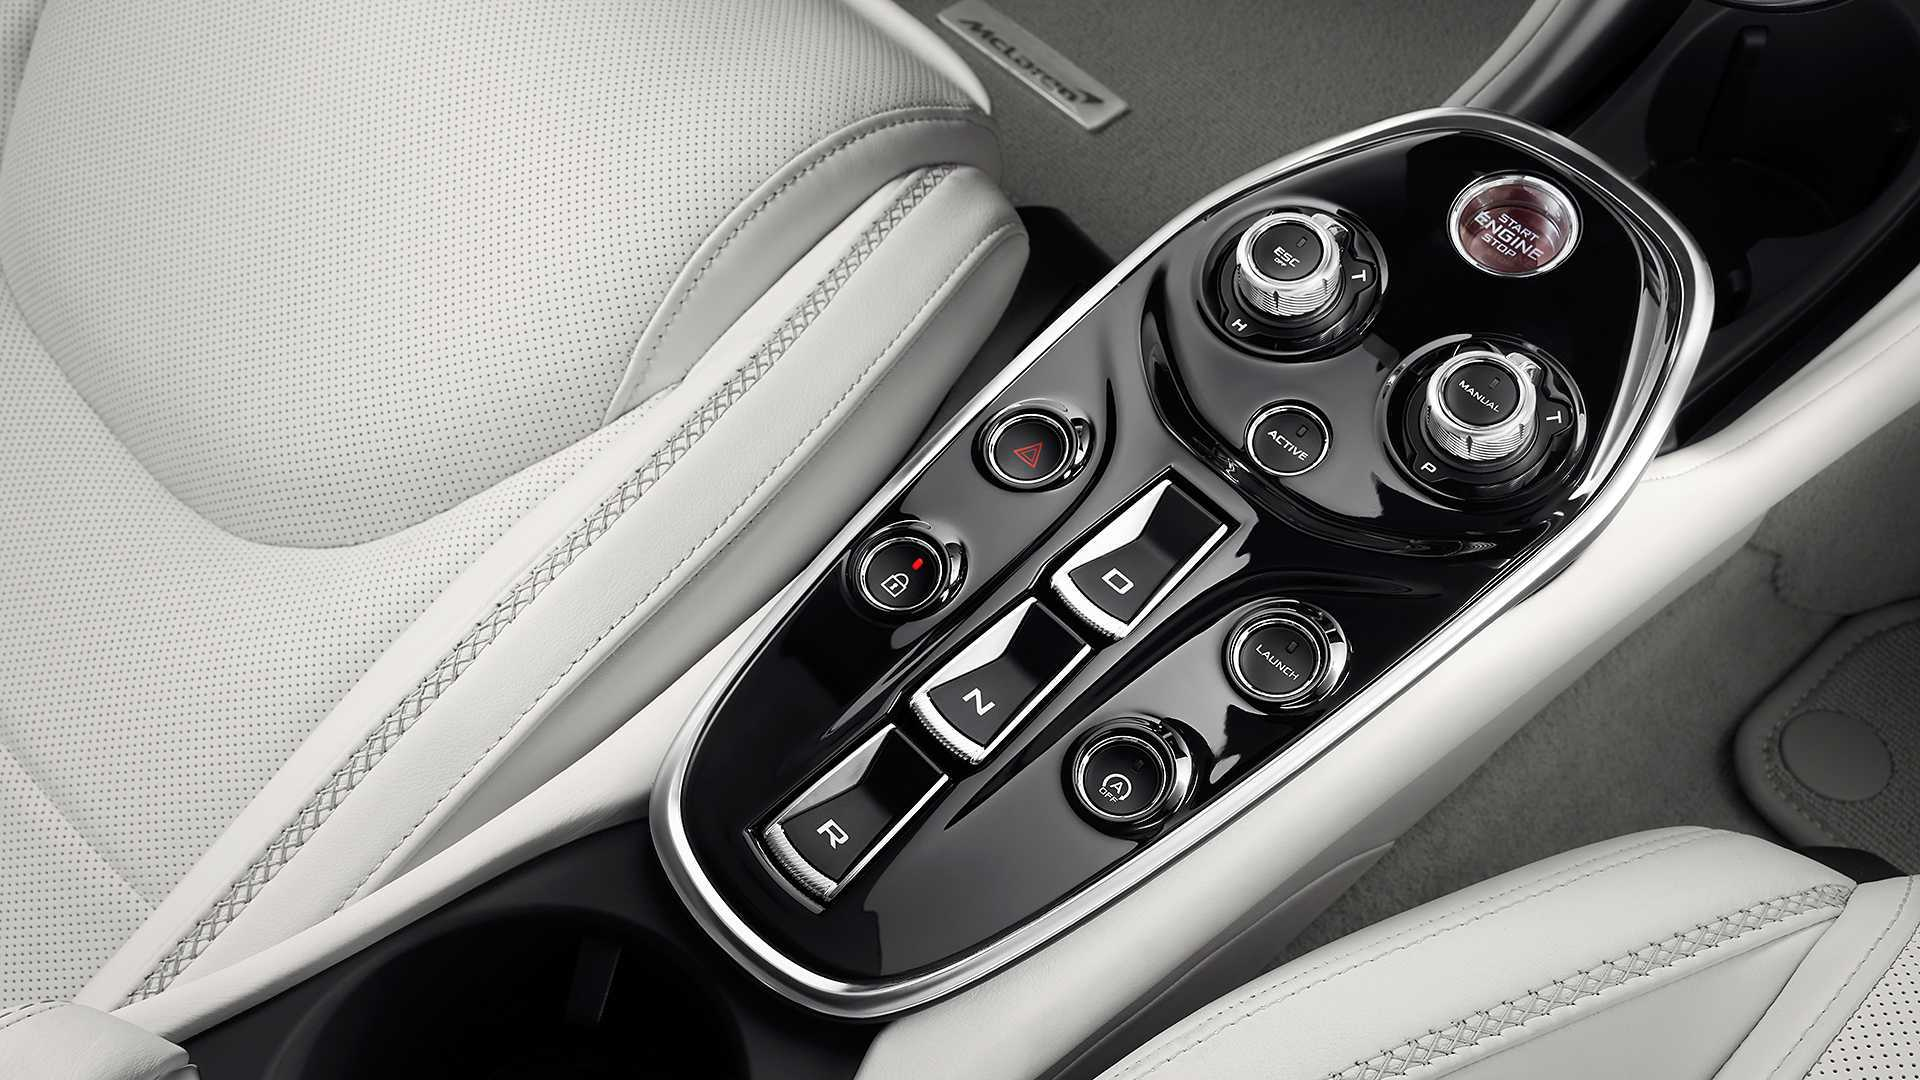 620马力迈凯伦GT发布!这是一款跑长途不再抱怨的跑车